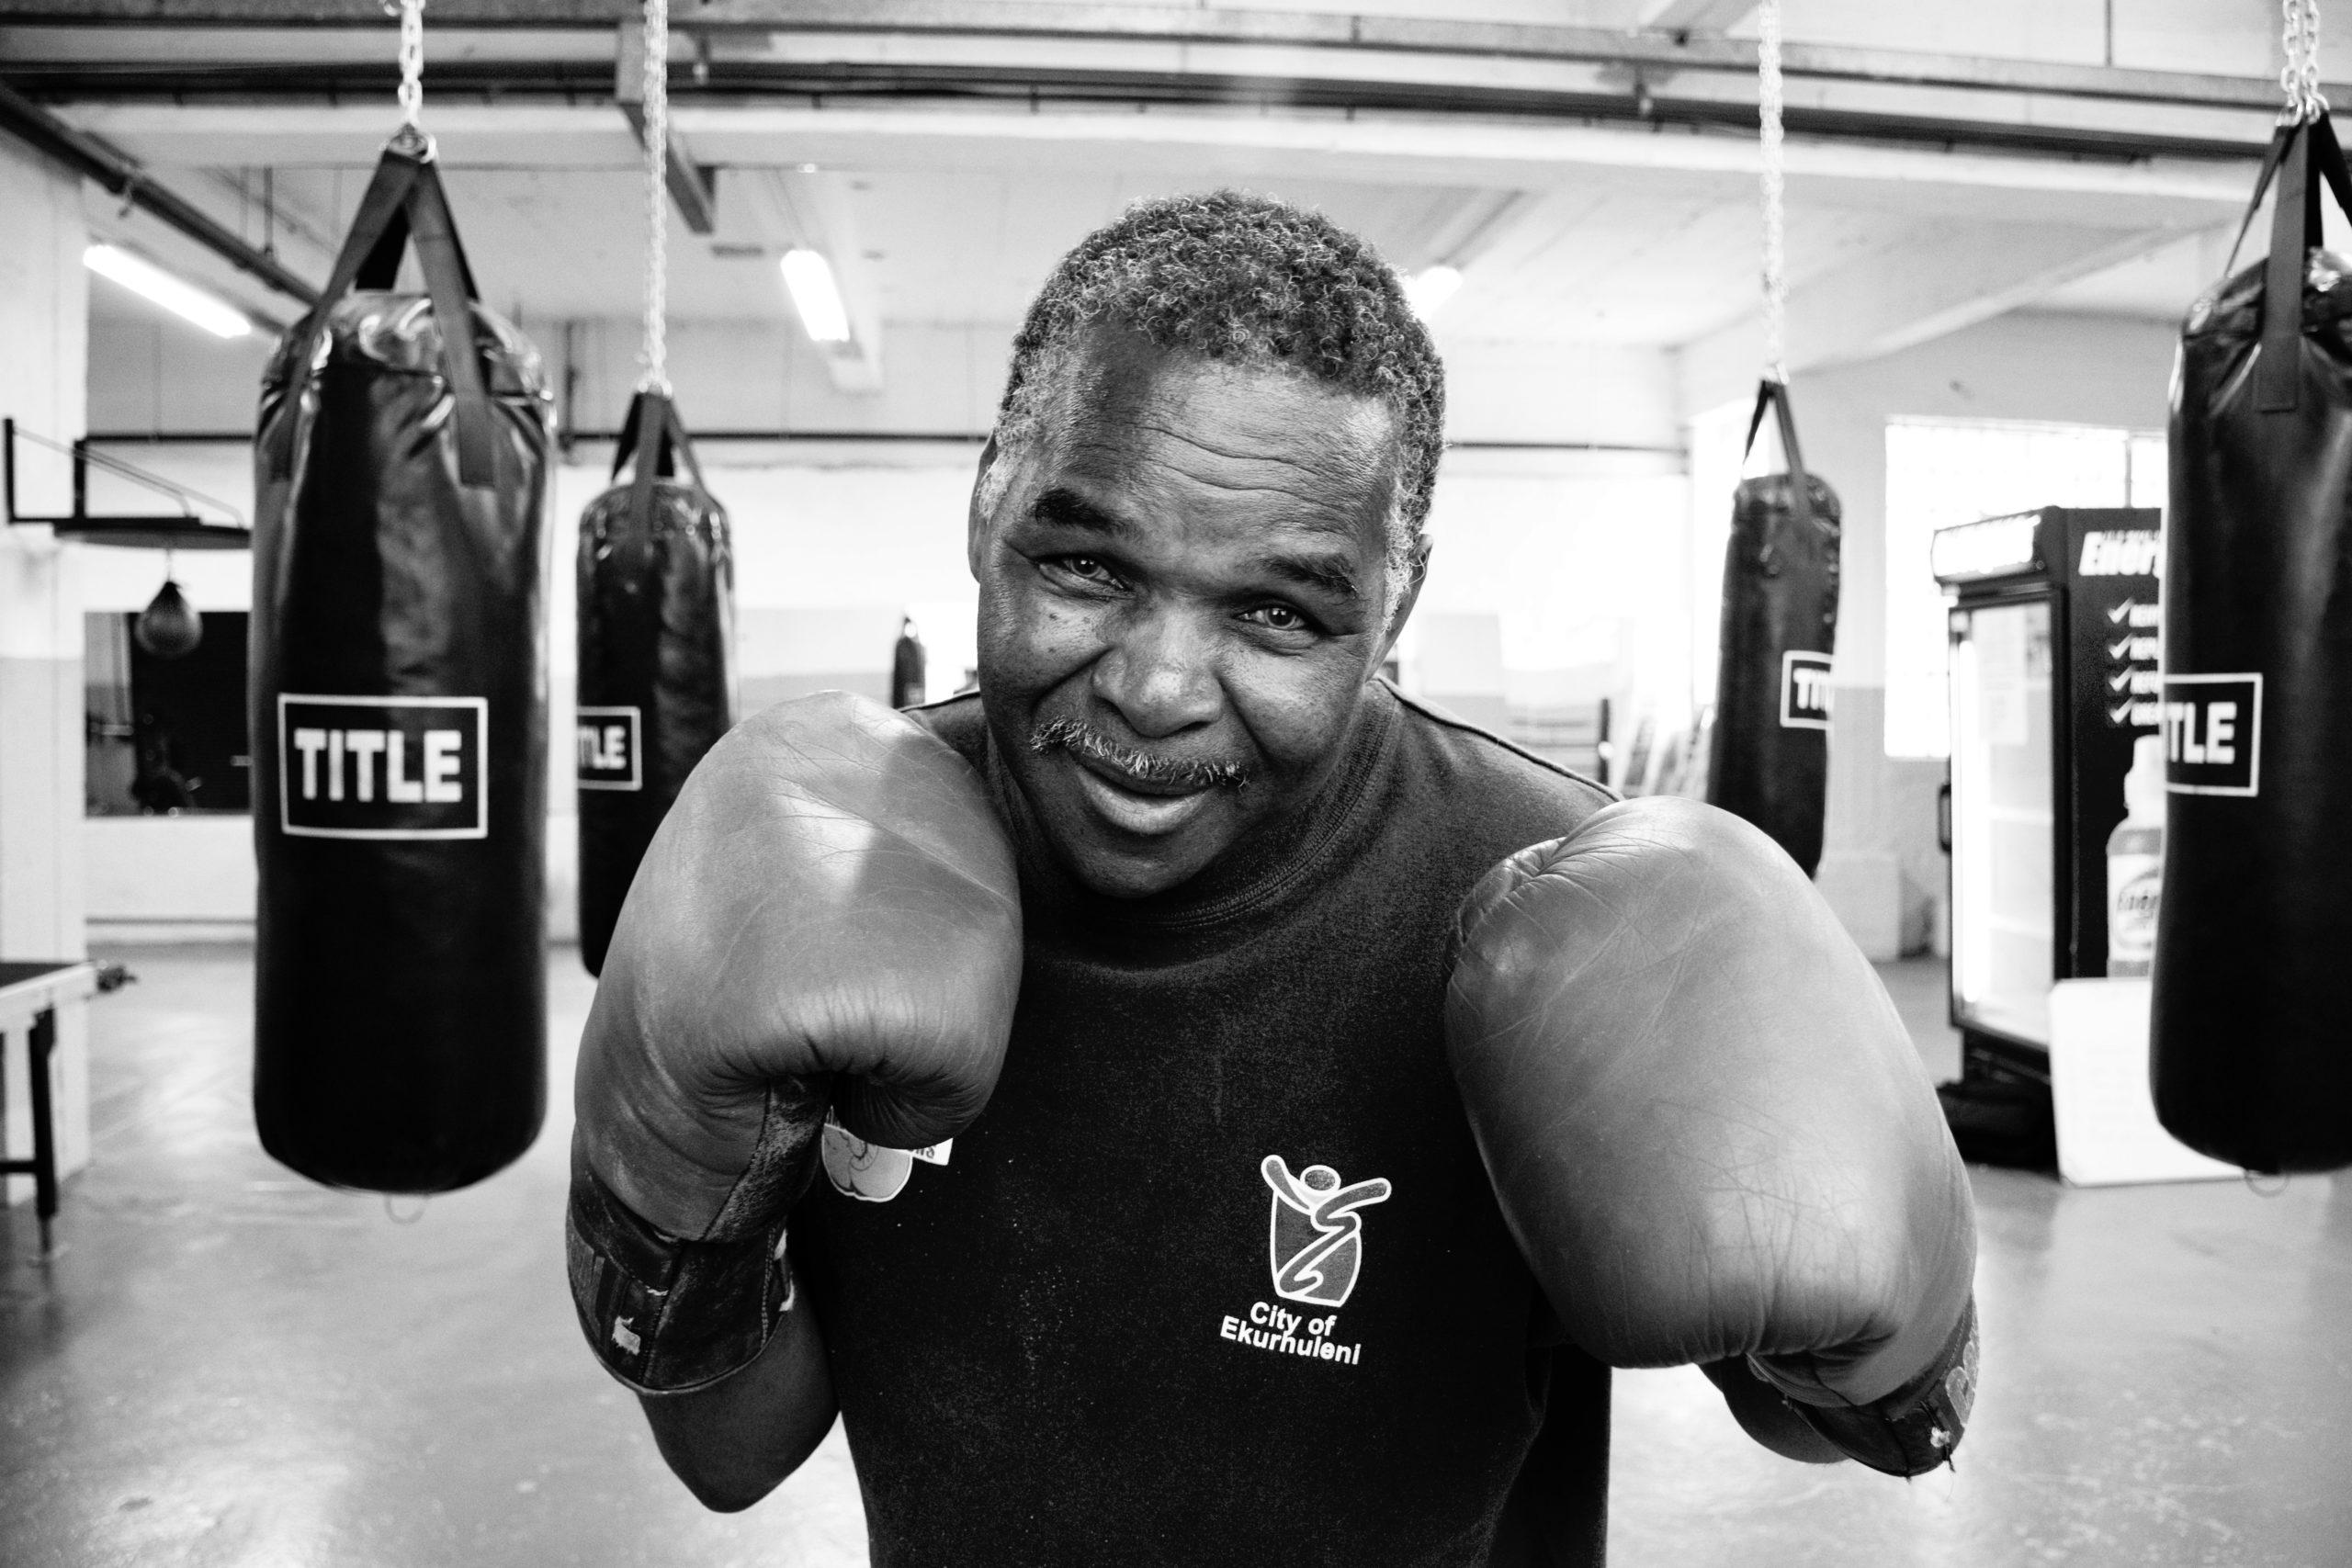 【悲報】ワイデブ、ダイエットで入ったボクシングジムで何故か試合を組まされる